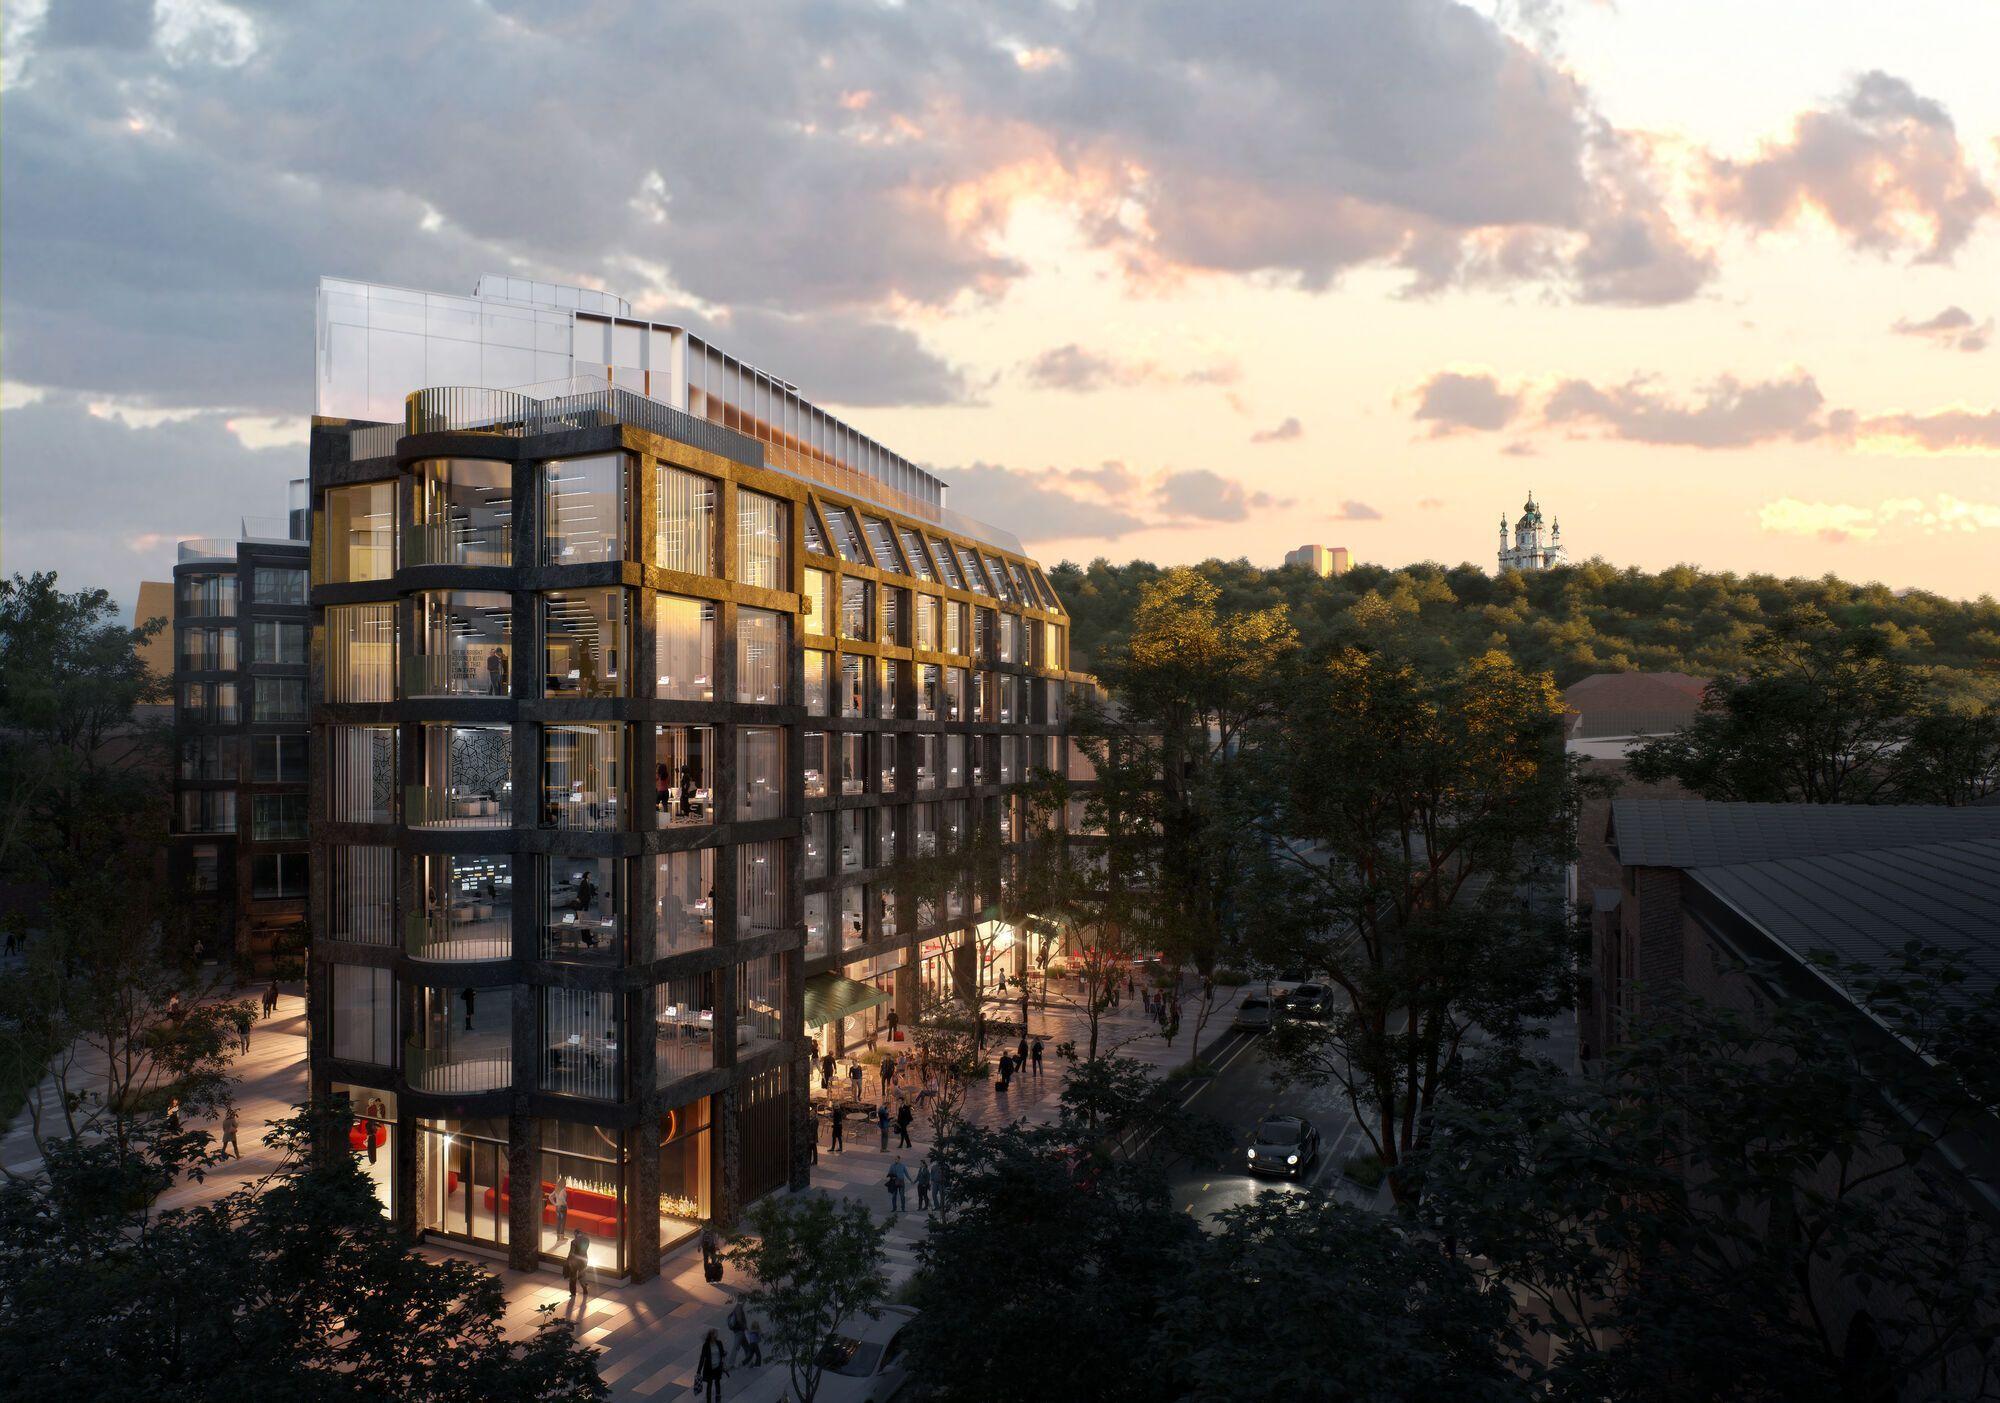 Коммерческие заведения будут располагаться преимущественно на первом этаже здания